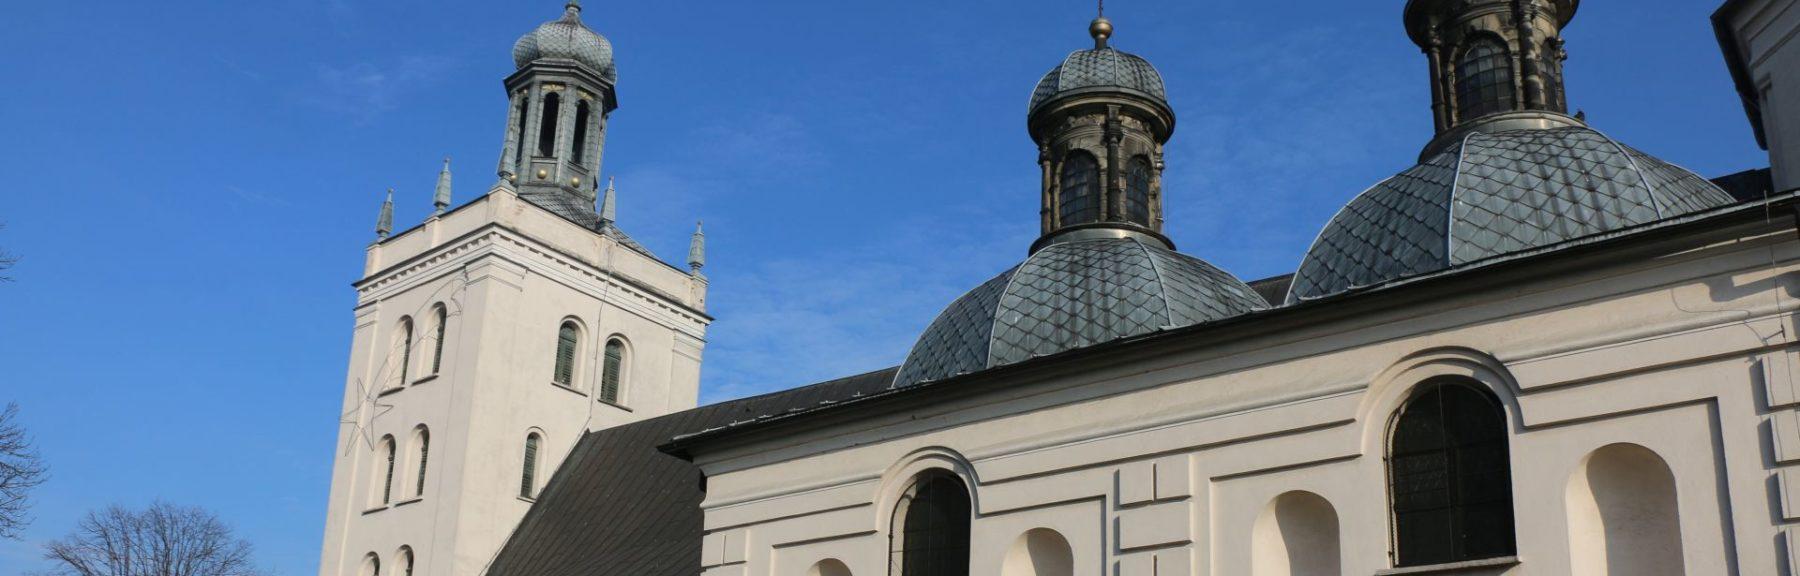 Parafia pw. św. Jadwigi Śląskiej w Grodzisku Wlkp. w Archidiecezji Poznańskiej